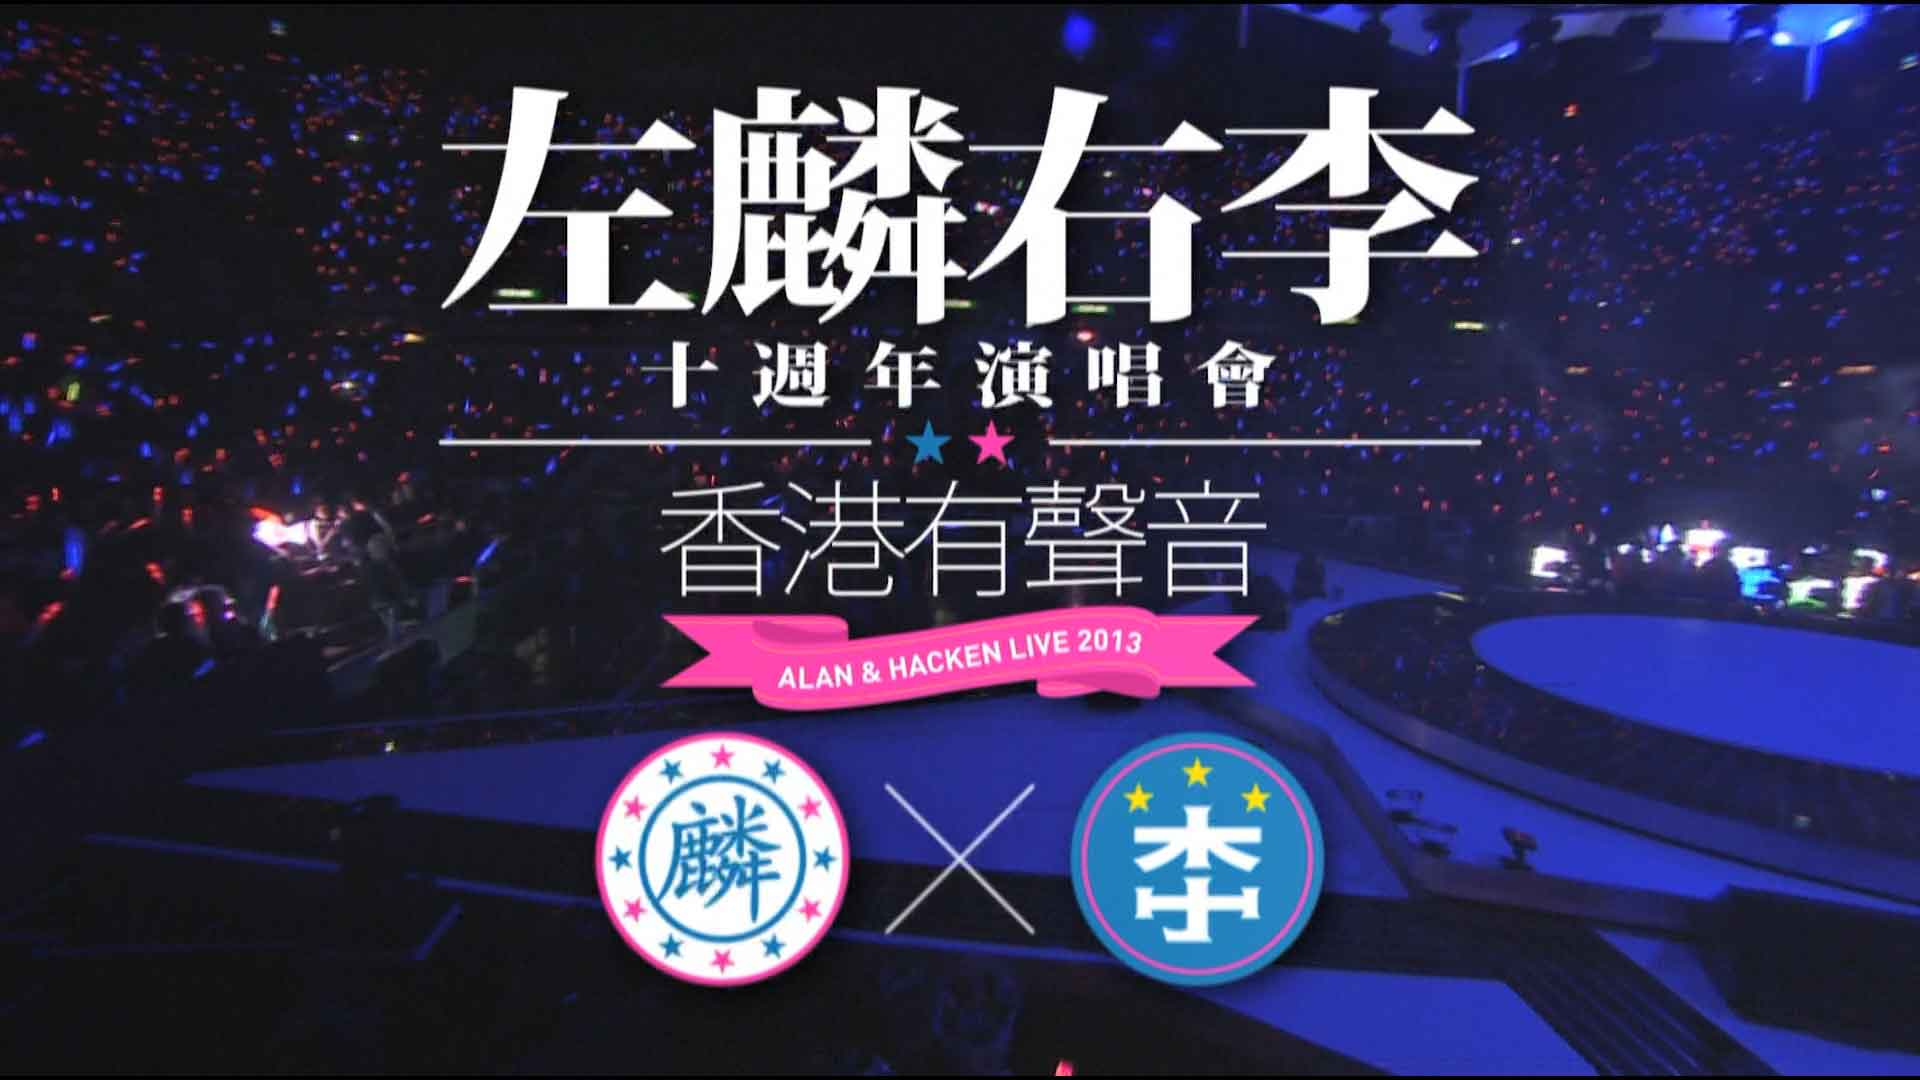 [蓝光原盘] 左麟右李 十周年演唱会2013 香港有声音《ISO 双碟 56.36GB》